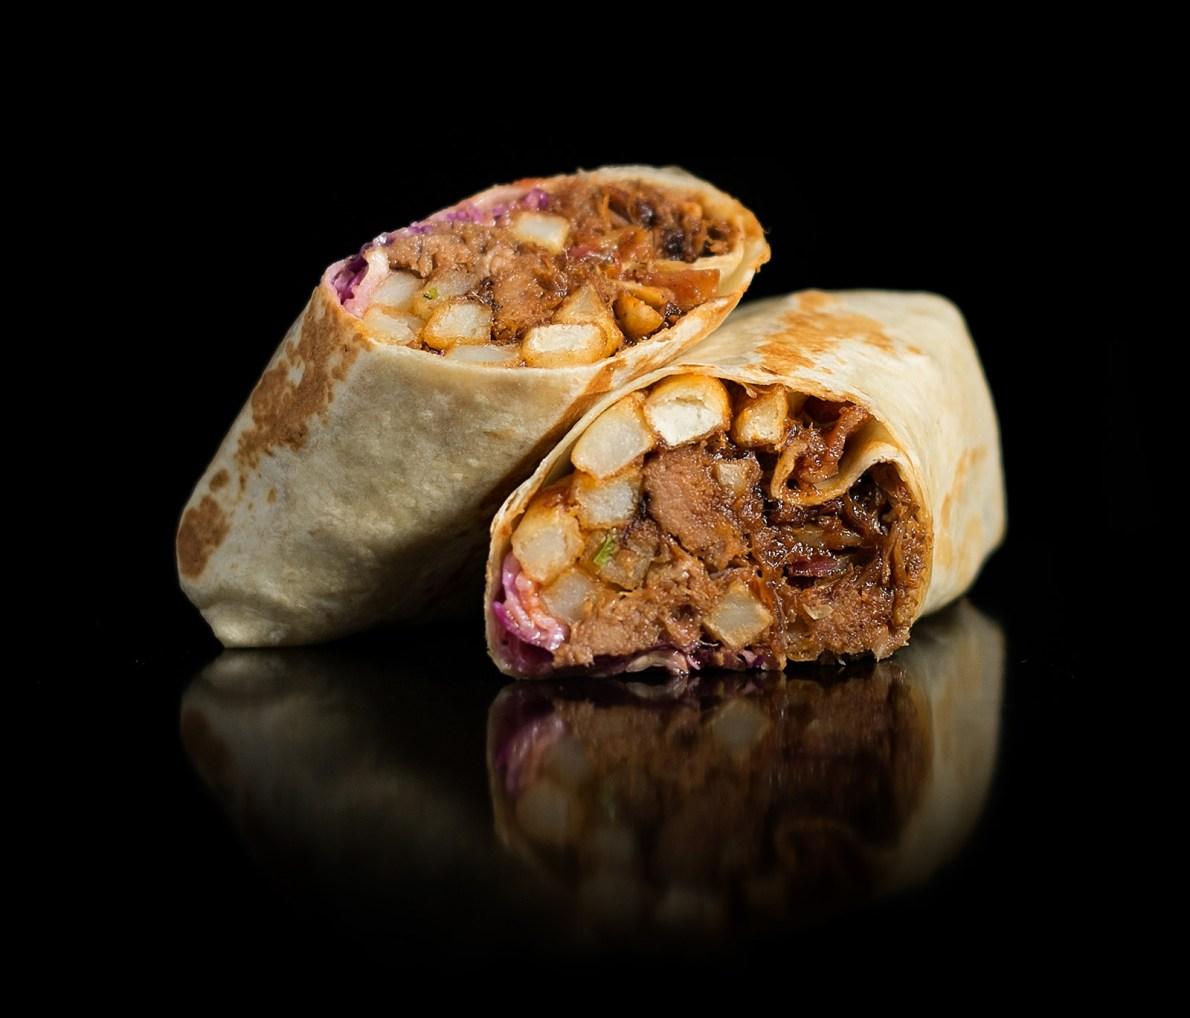 The California Bacon BBQ Burrito